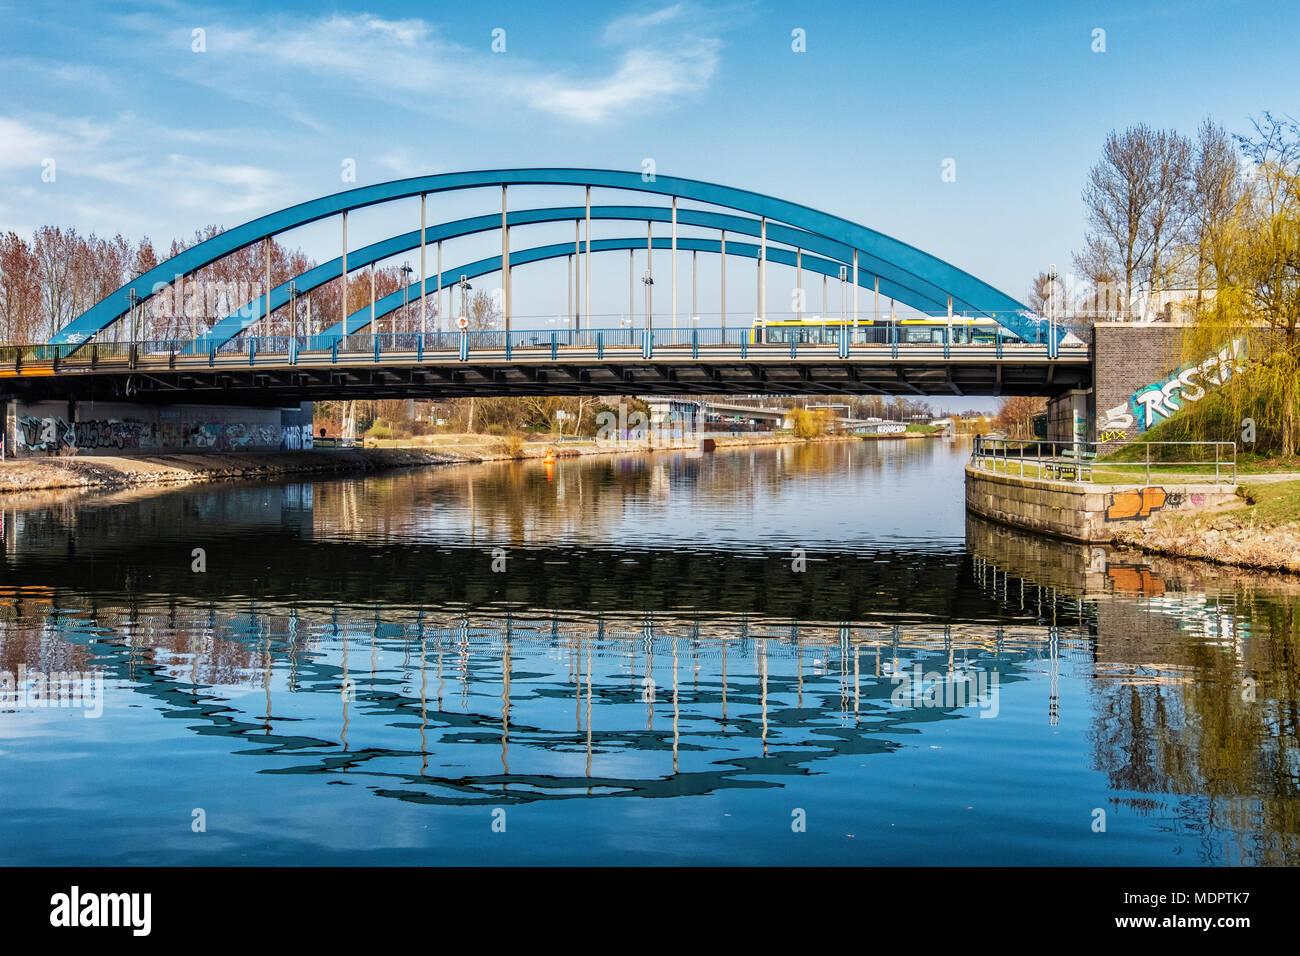 Berlin Charlottenburg-Wilmersdorf. Mörschbrücke. steel tied-arch road bridge over the Westhafen canal Stock Photo